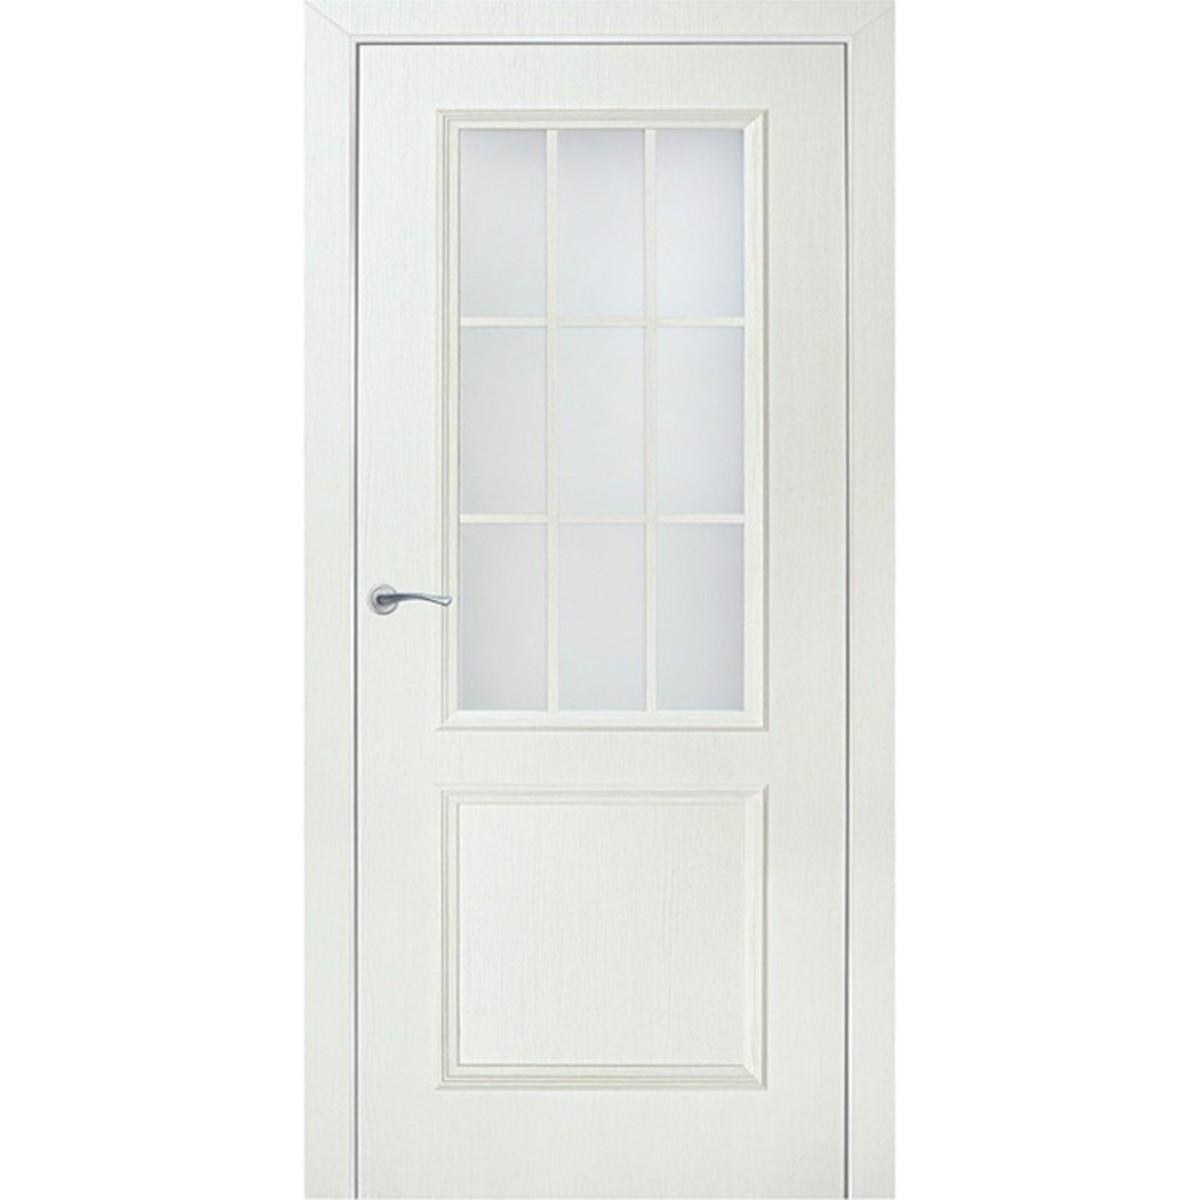 Дверь Межкомнатная Остеклённая Altro 90x200 Ламинация Цвет Бьянко 3d